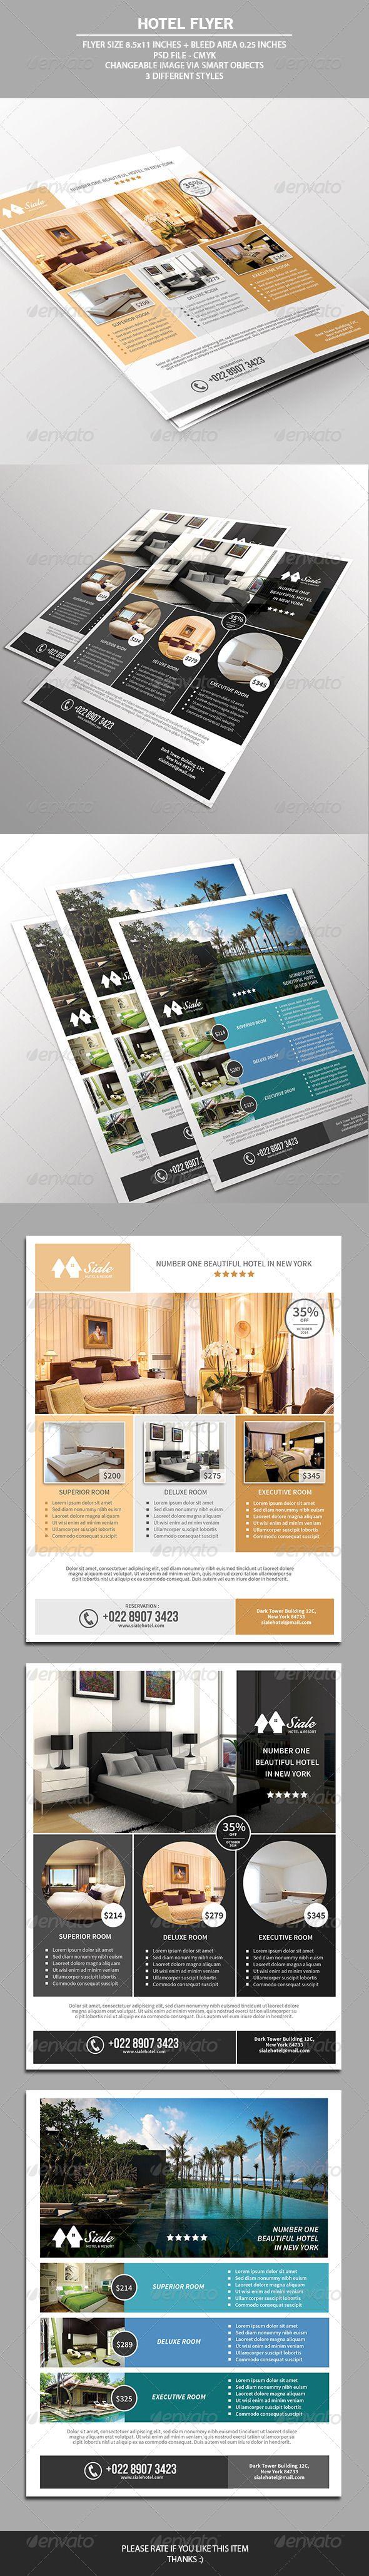 Hotel Flyer Template   Broschüren, Tourismus und Grafikdesign